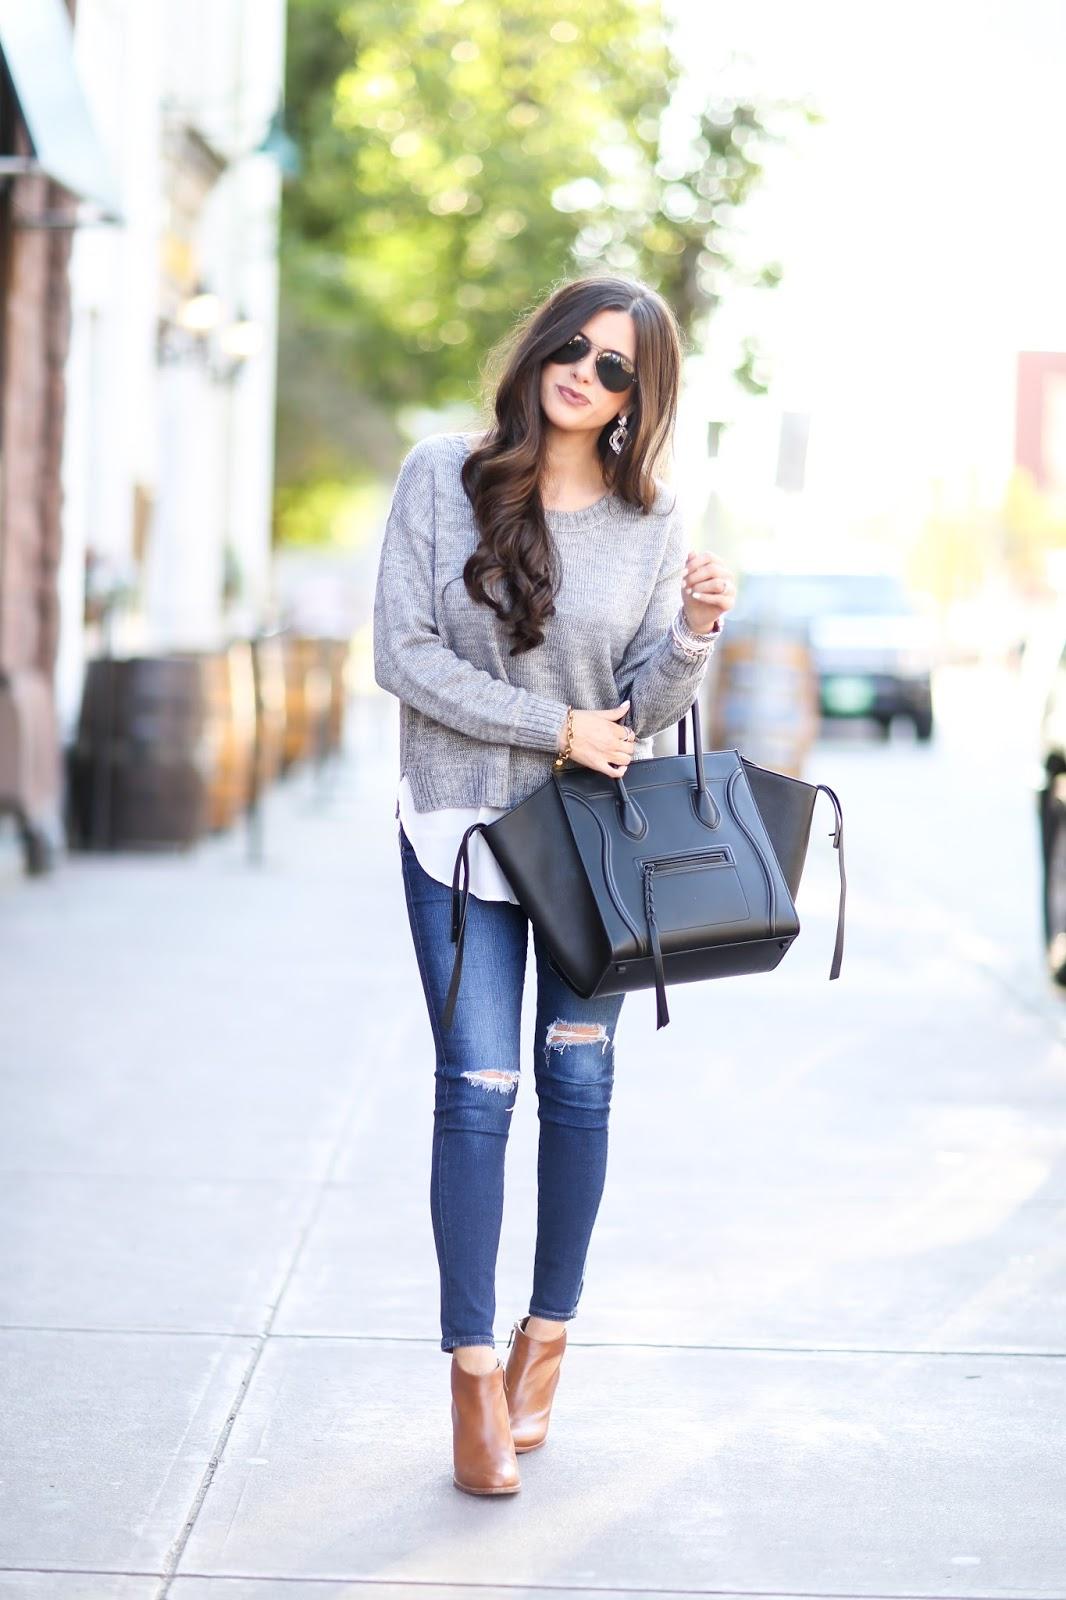 celine beige bag - The Sweetest Thing: Black & Grey